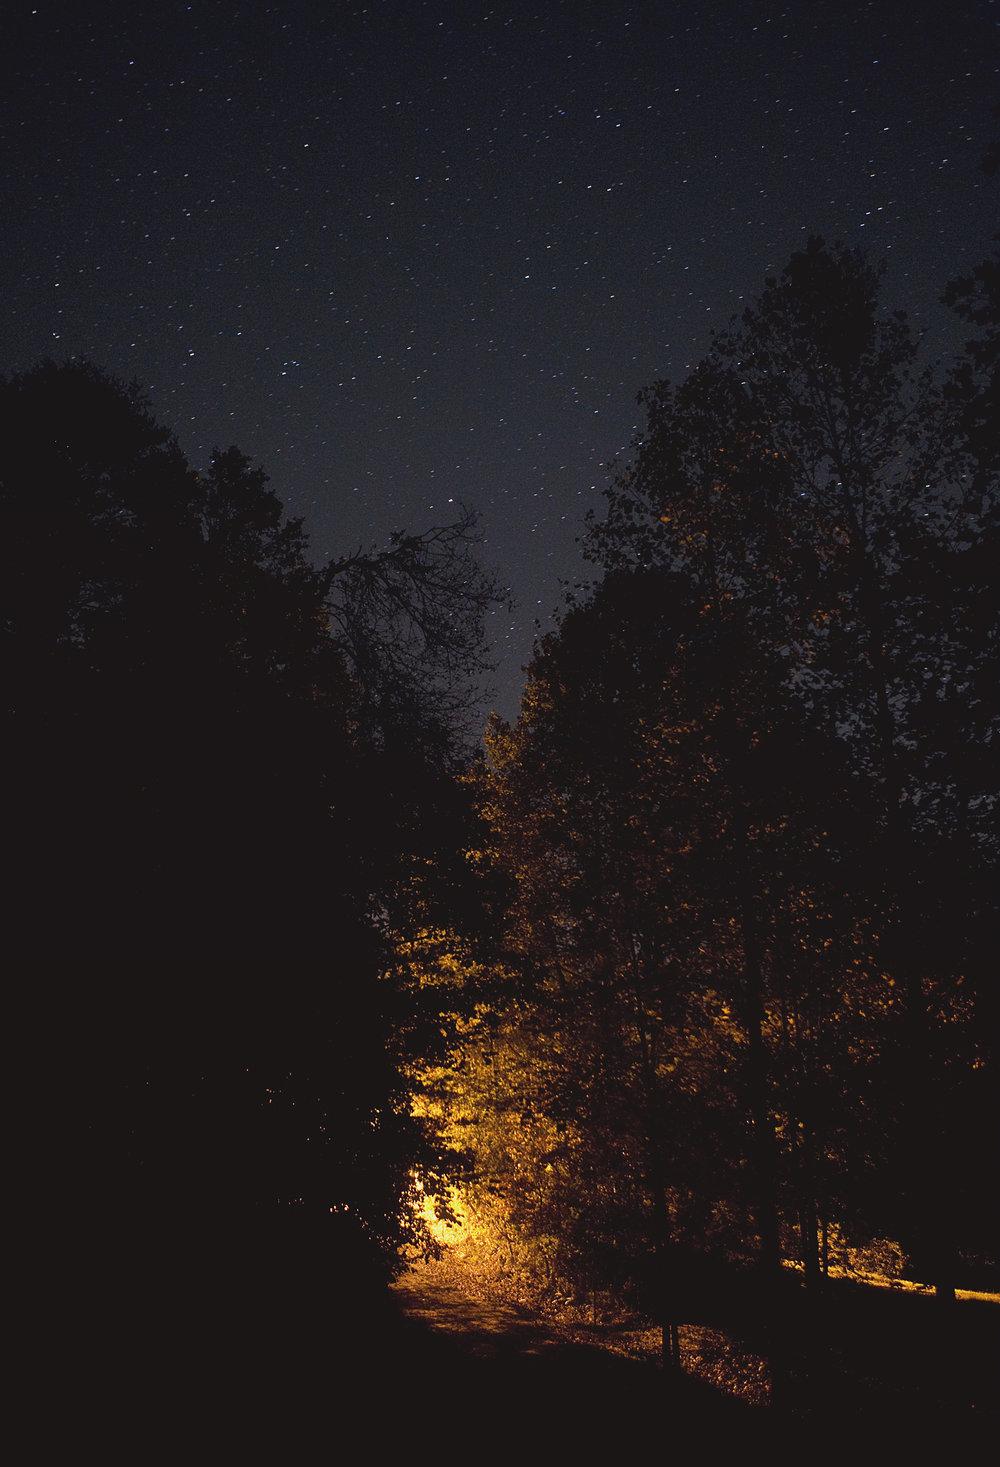 100_TreesStreetlightStars_0268.jpg